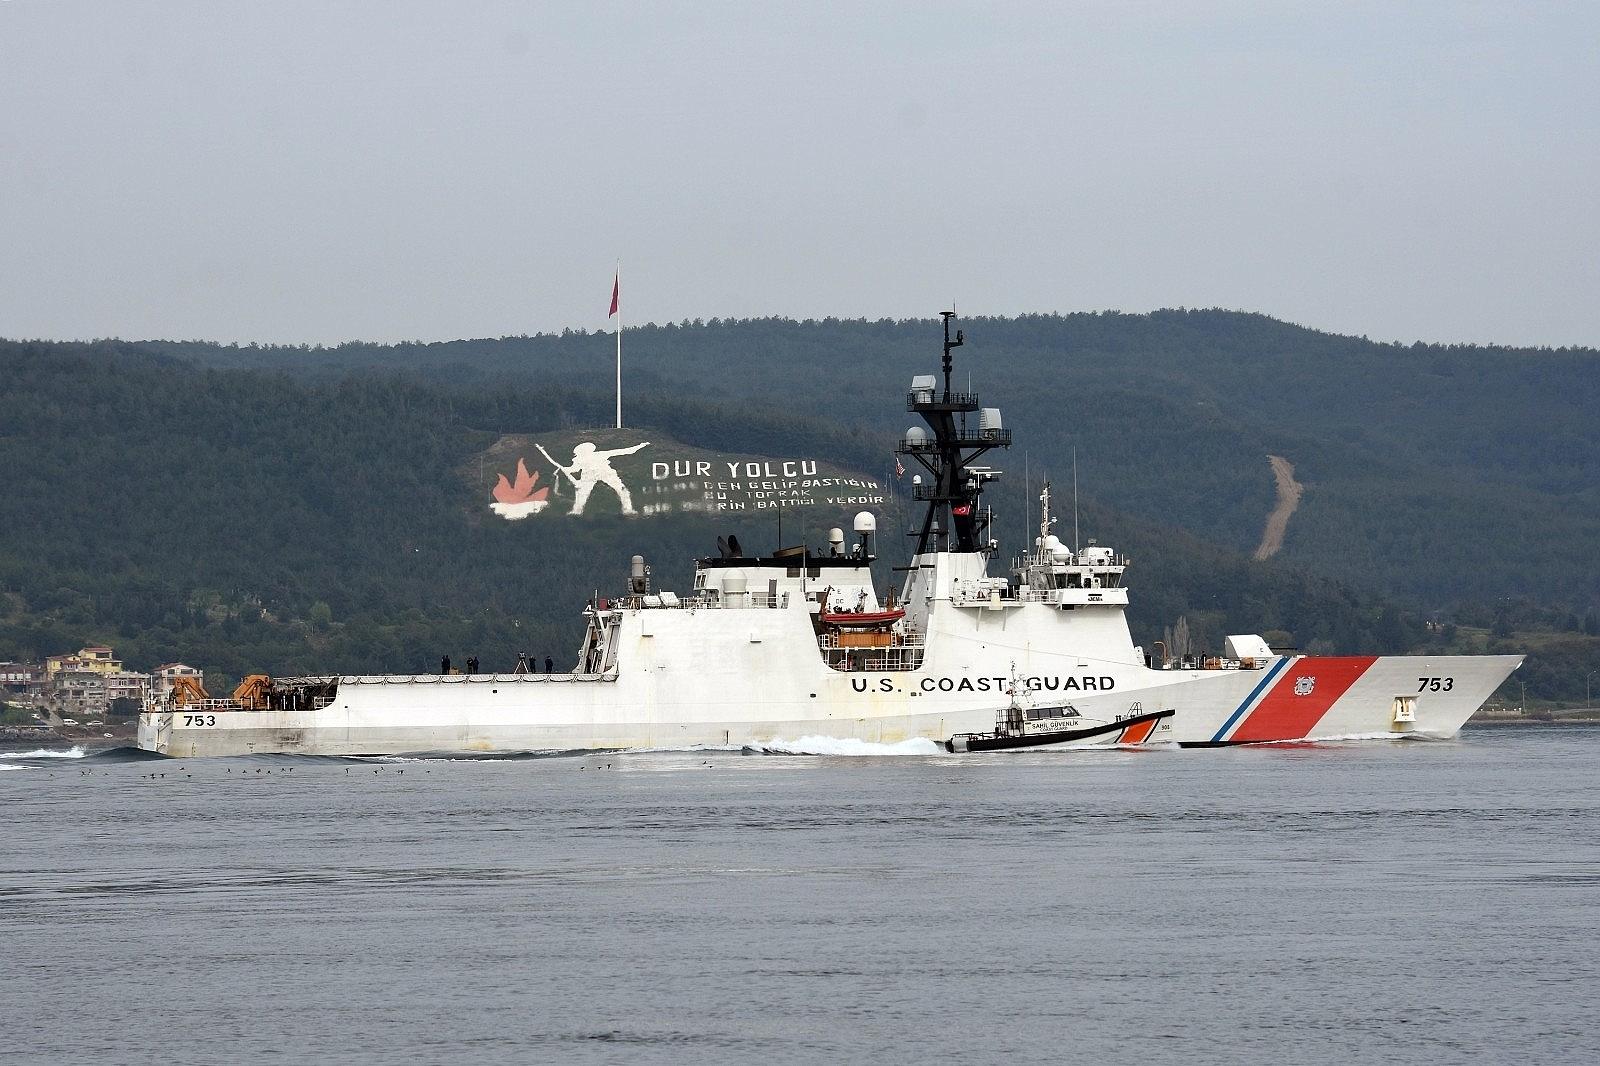 2021/04/abd-sahil-guvenlik-gemisi-canakkale-bogazindan-gecti-20210427AW30-1.jpg